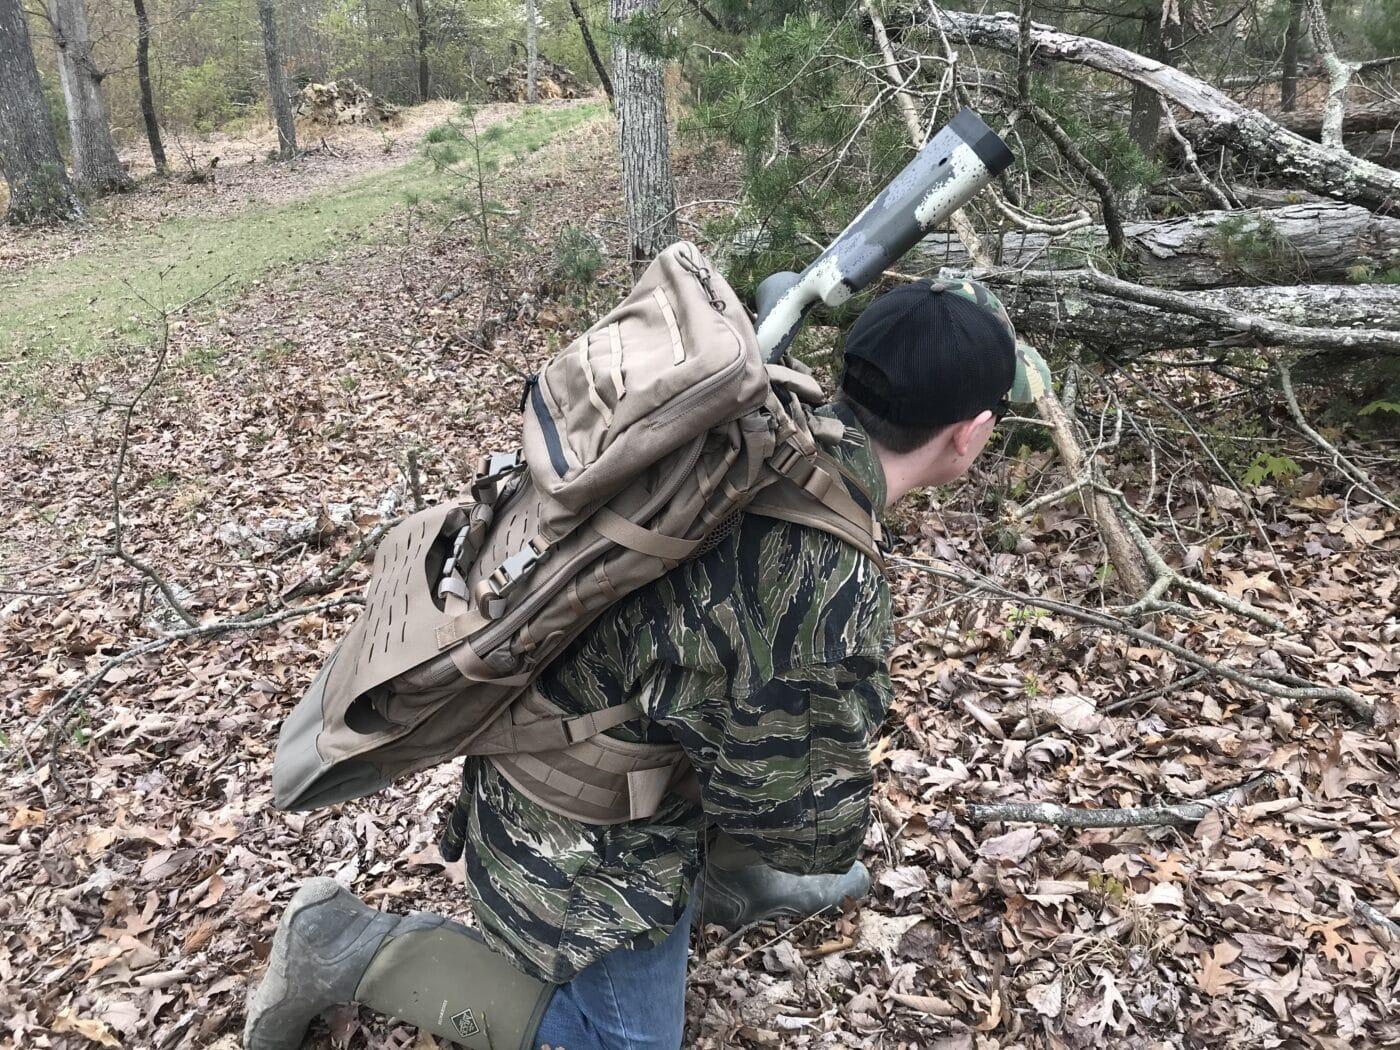 Man carrying a rifle in the Eberlestock Gunslinger II backpack